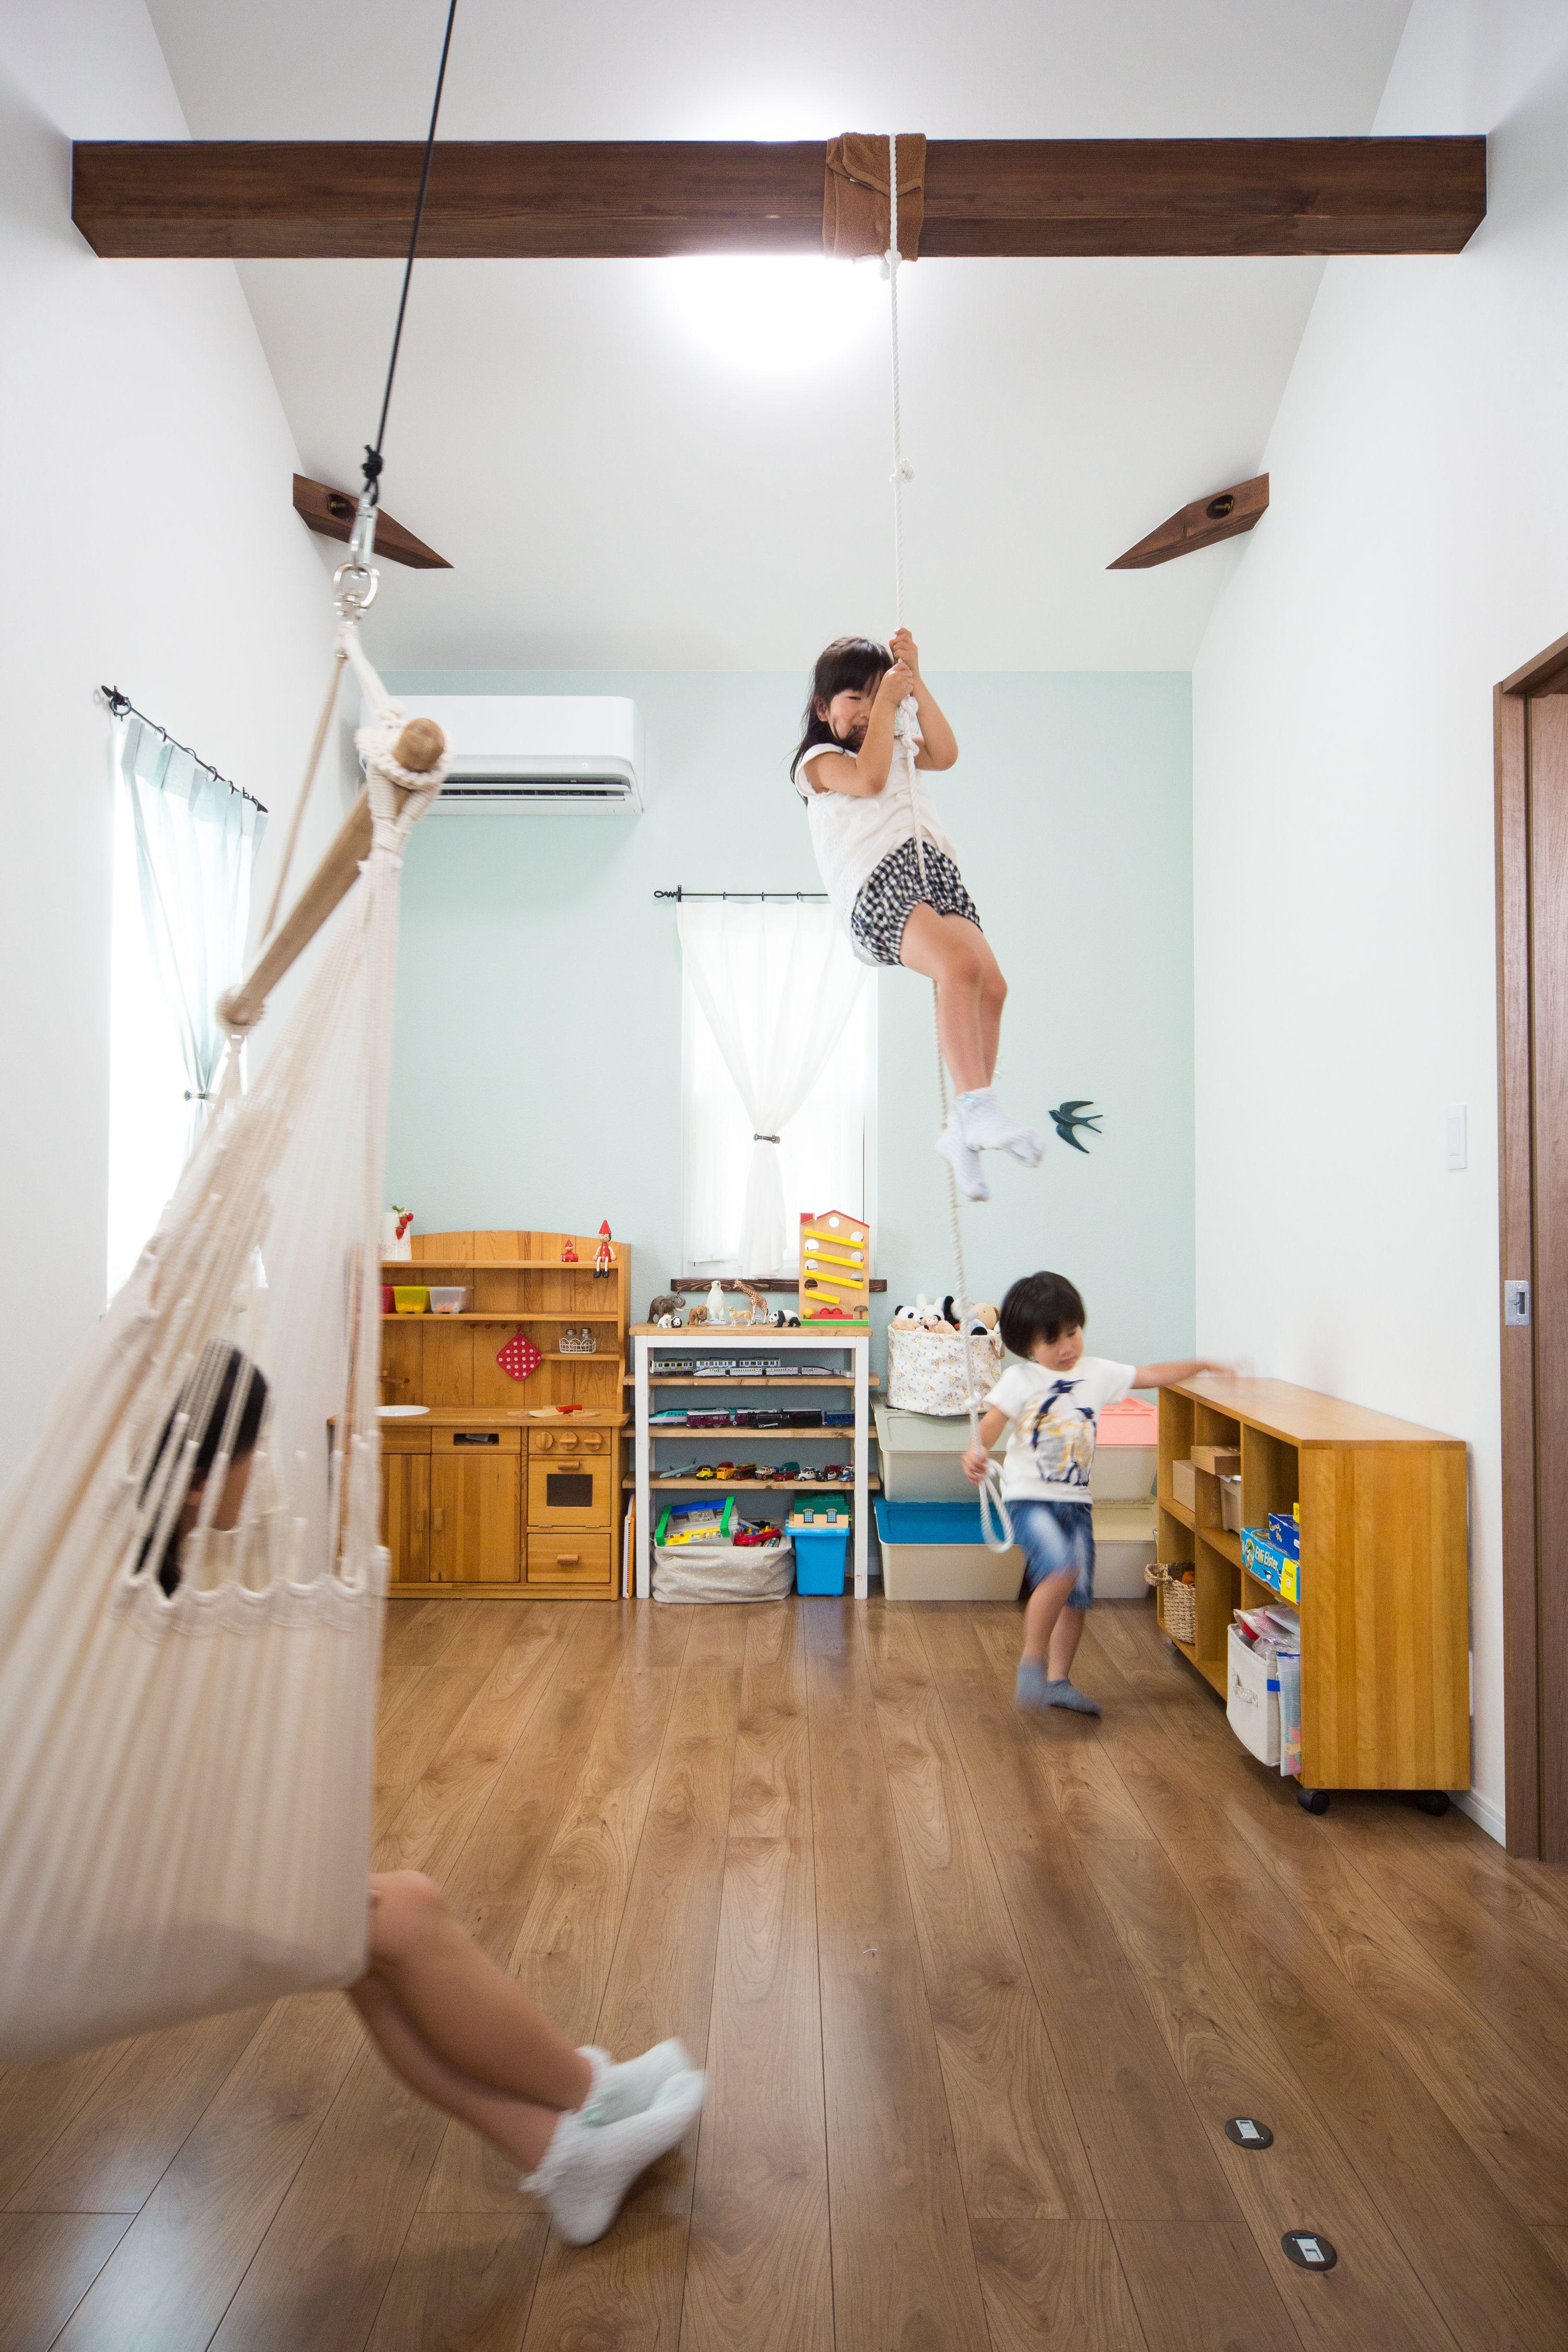 天井の梁にハンモックや子供達が遊べるロープを取り付けました